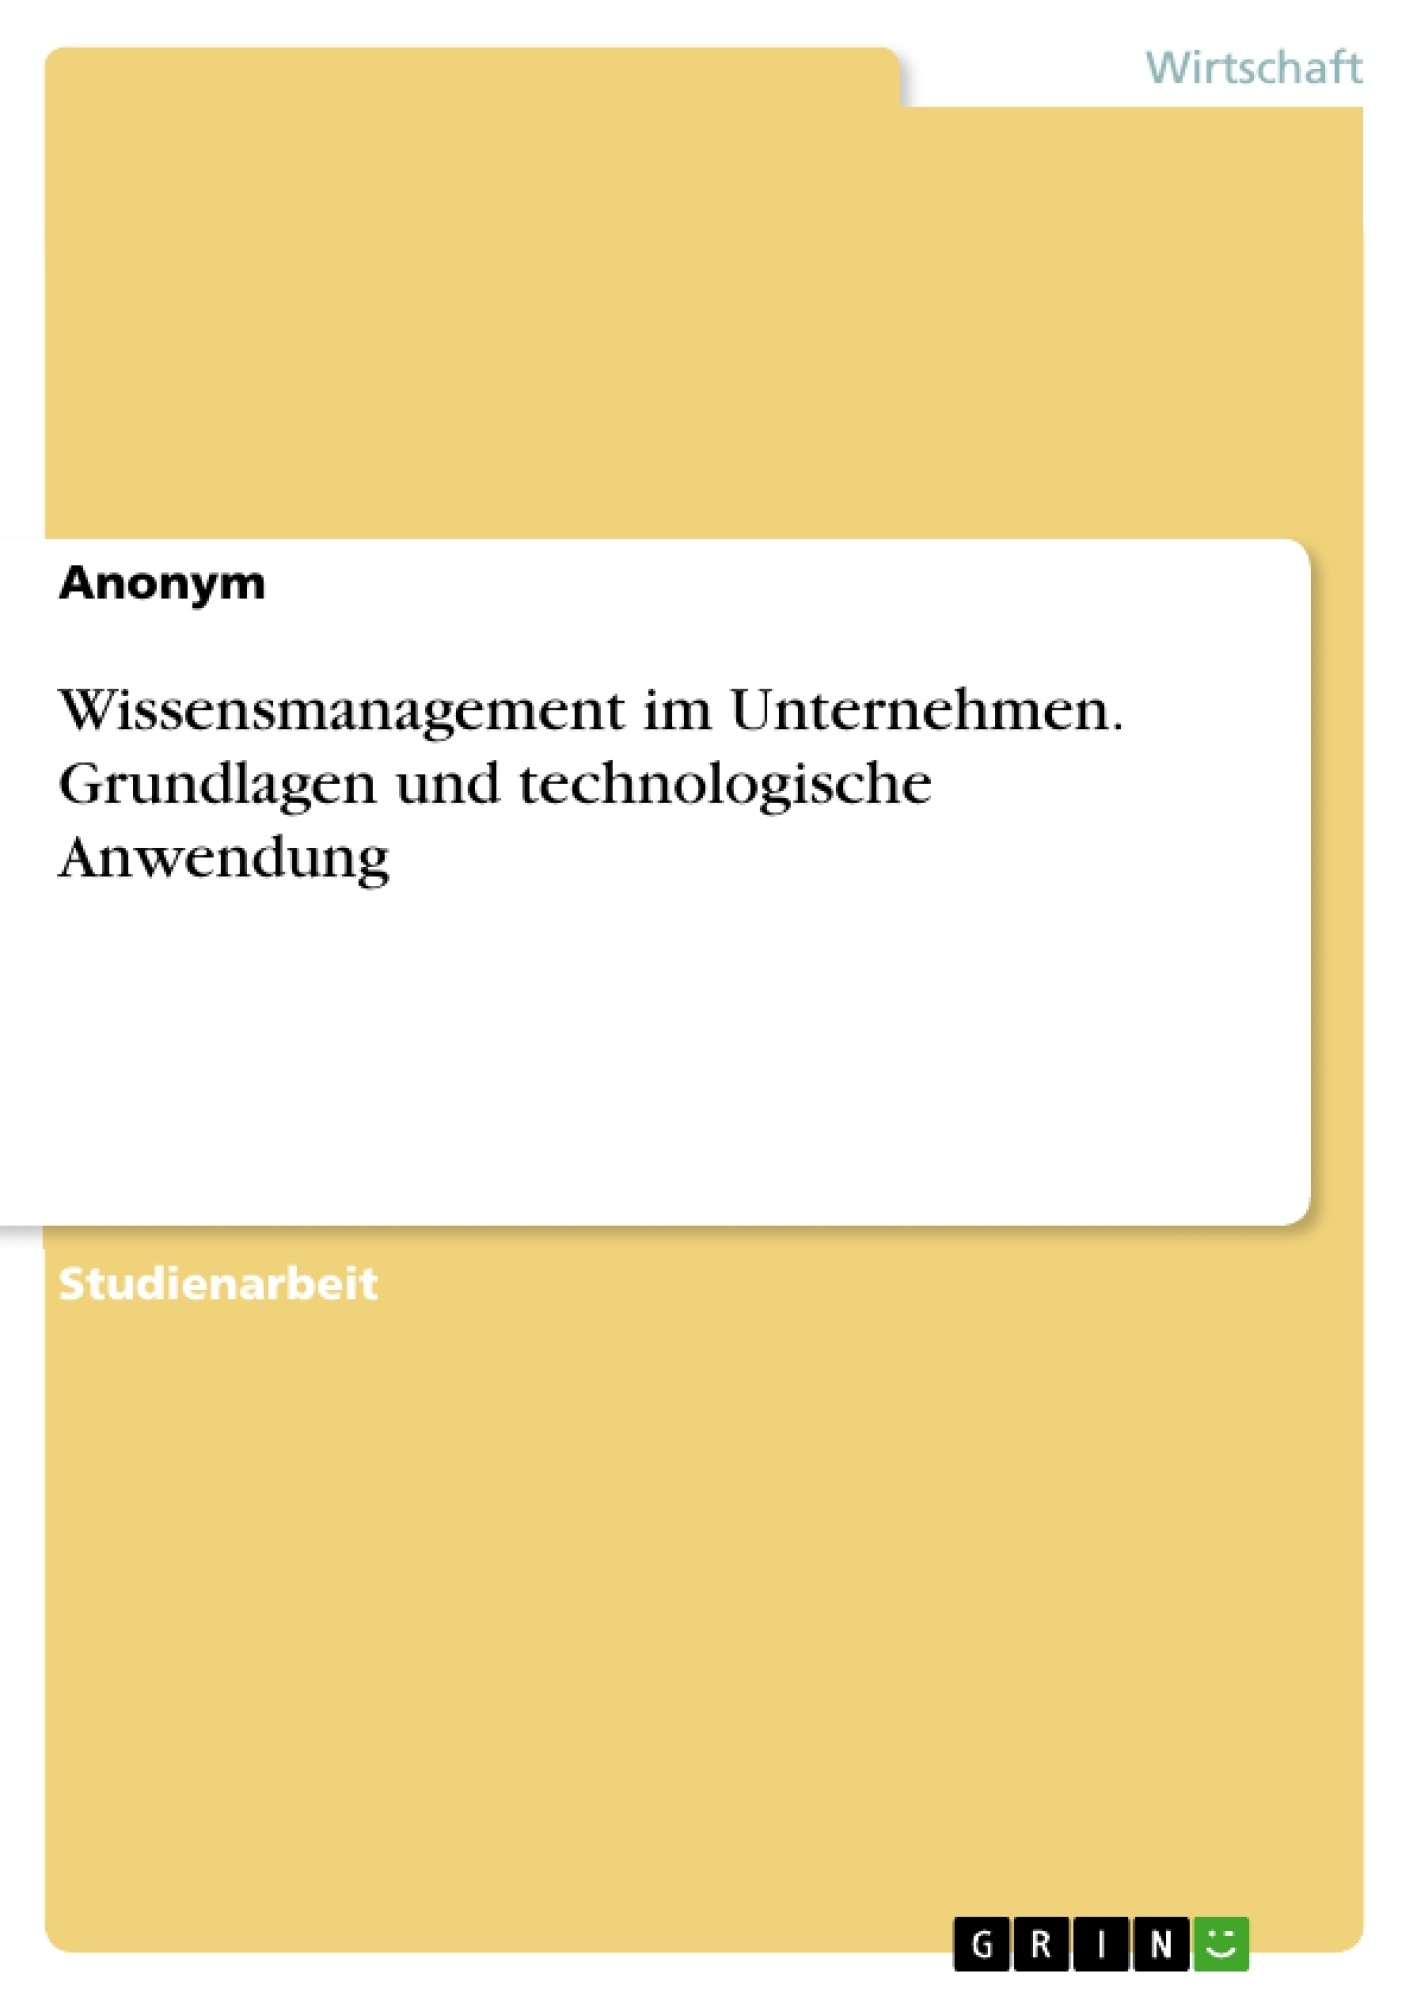 Titel: Wissensmanagement im Unternehmen. Grundlagen und technologische Anwendung